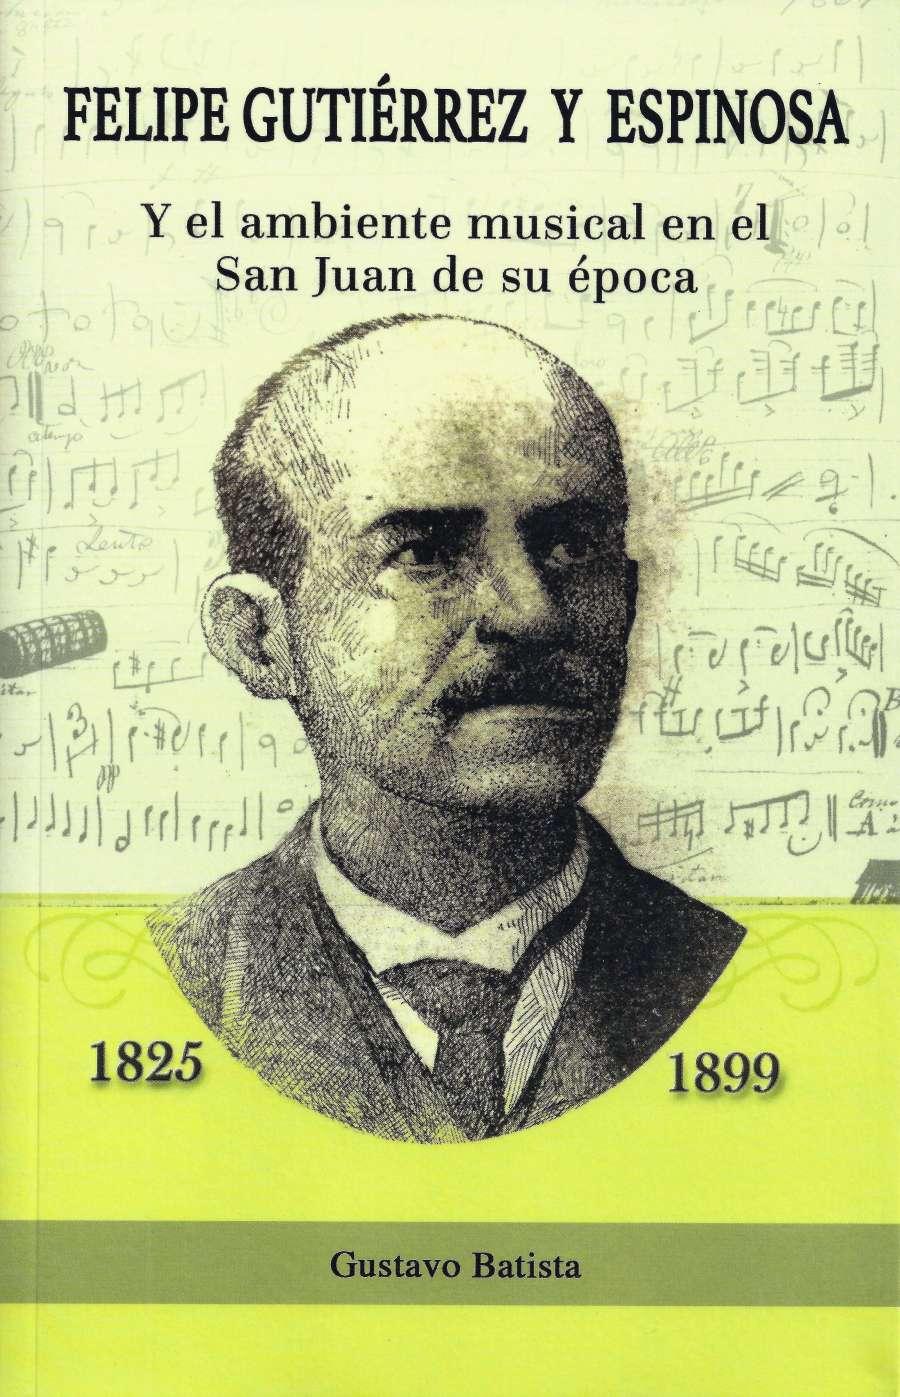 Libro - Felipe Guitiérrez y Espinosa - Mayo 2017